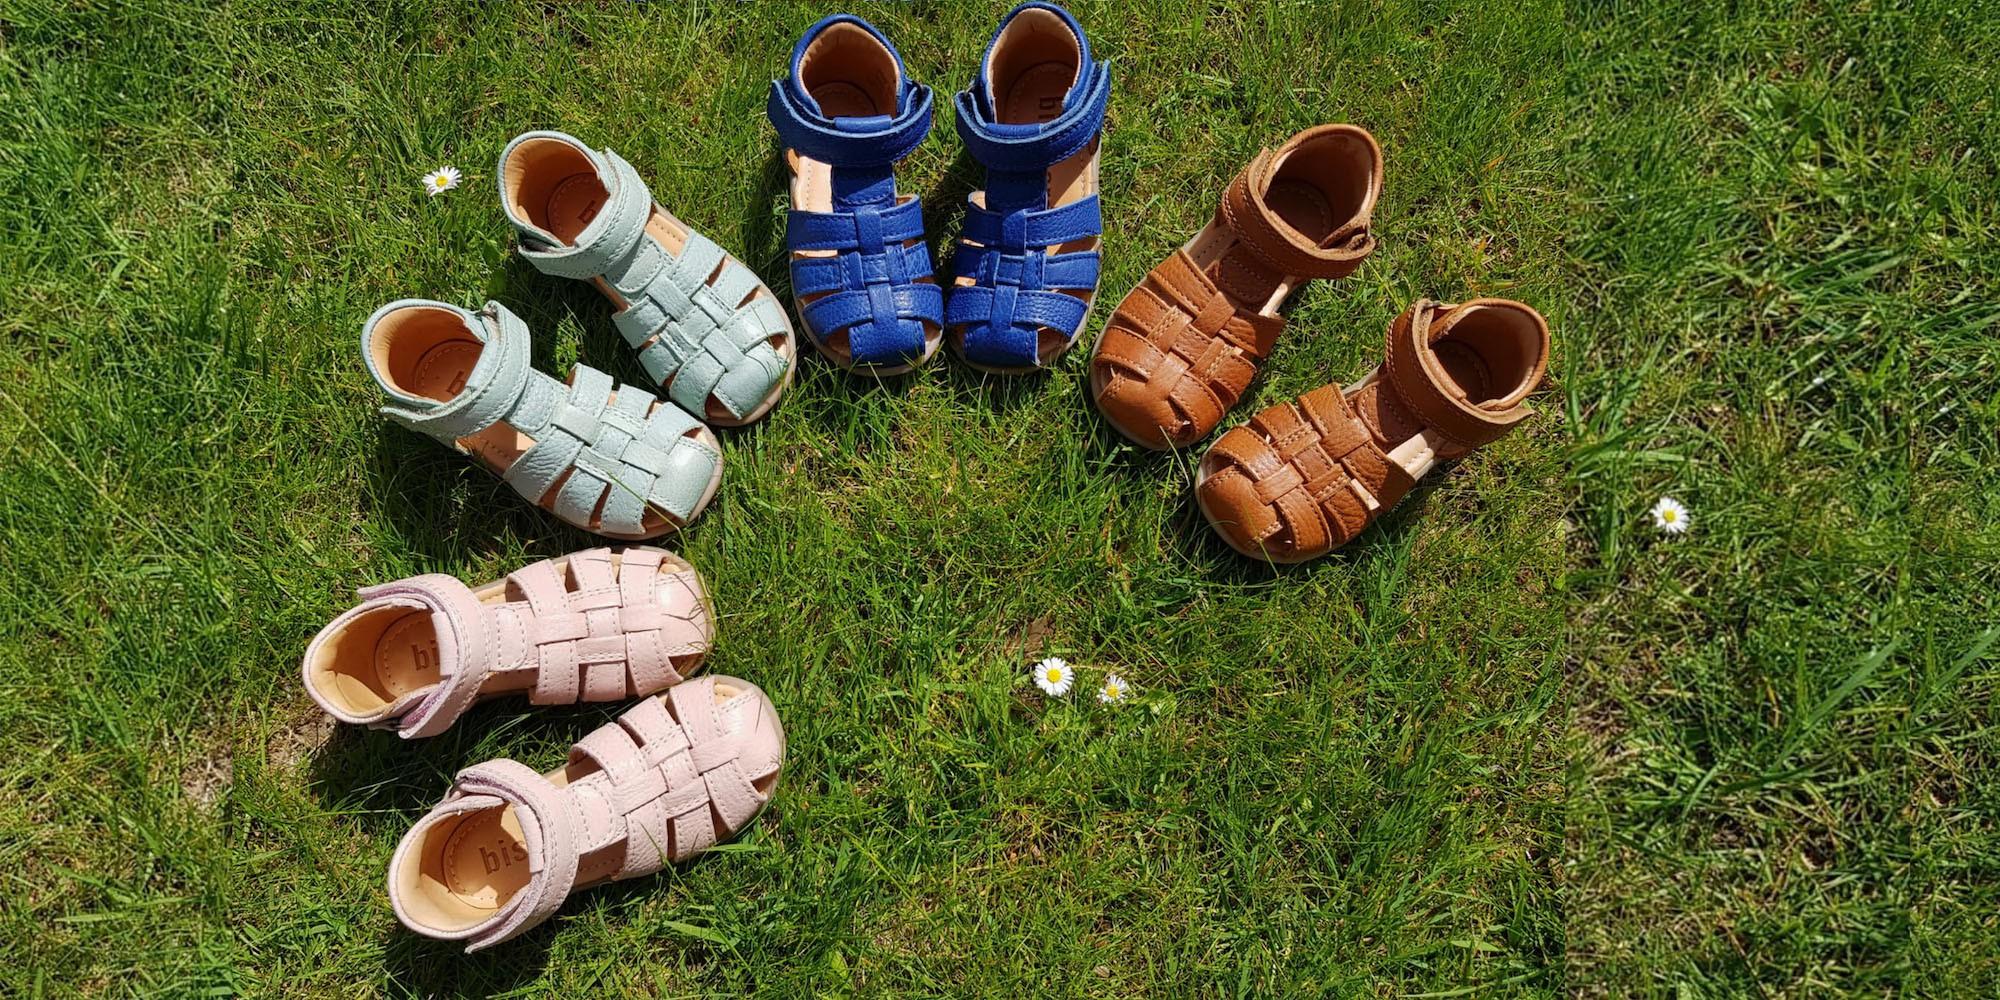 Schoenenwinkel Kinderschoenen.Schoenwinkel Tippito Kinderschoenen Kortenberg Inforegio Be